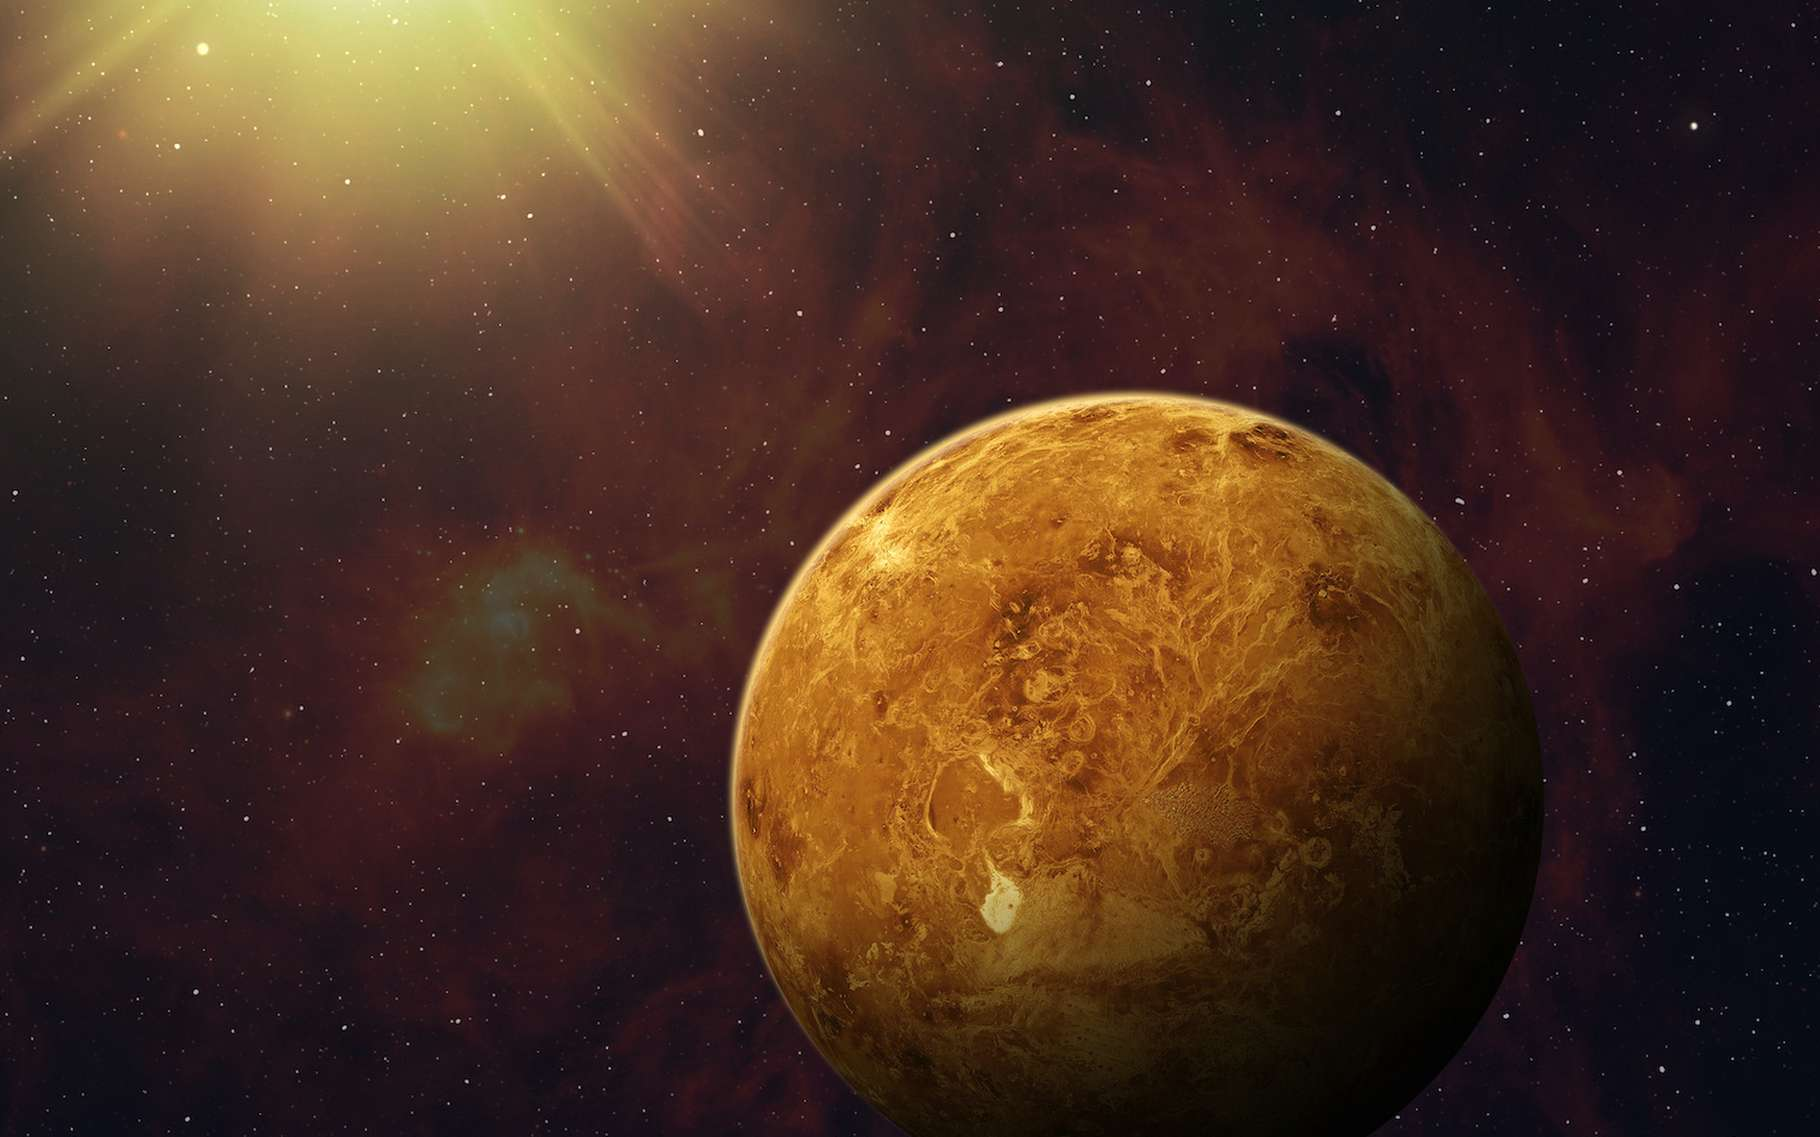 Deuxième planète la plus proche du Soleil, Vénus a aujourd'hui tendance à brûler sous la chaleur de notre Étoile. Mais en était-il de même par le passé ? A-t-elle pu suffisamment se rafraîchir pour former un océan ? « Non », répondent aujourd'hui des chercheurs du CNRS et de l'université de Versailles Saint-Quentin. © revers_jr, Adobe Stock